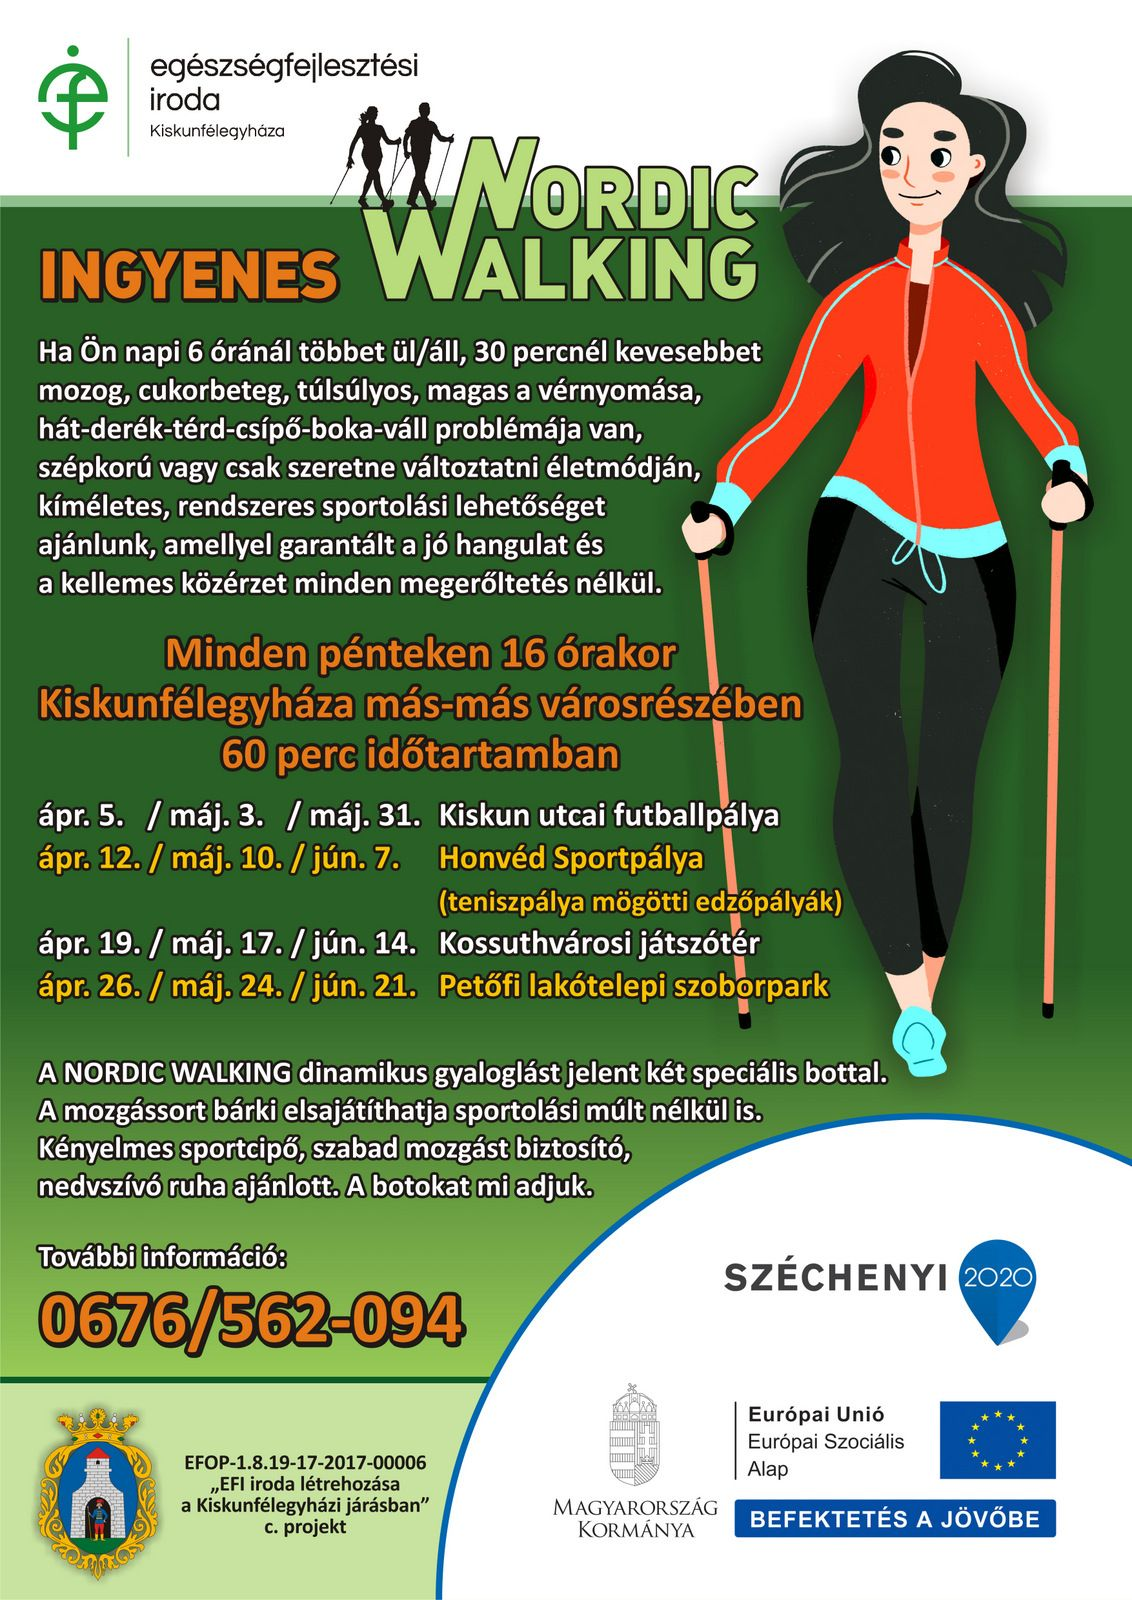 magas vérnyomás és nordic walking a hipertónia legfontosabb kérdéseiről